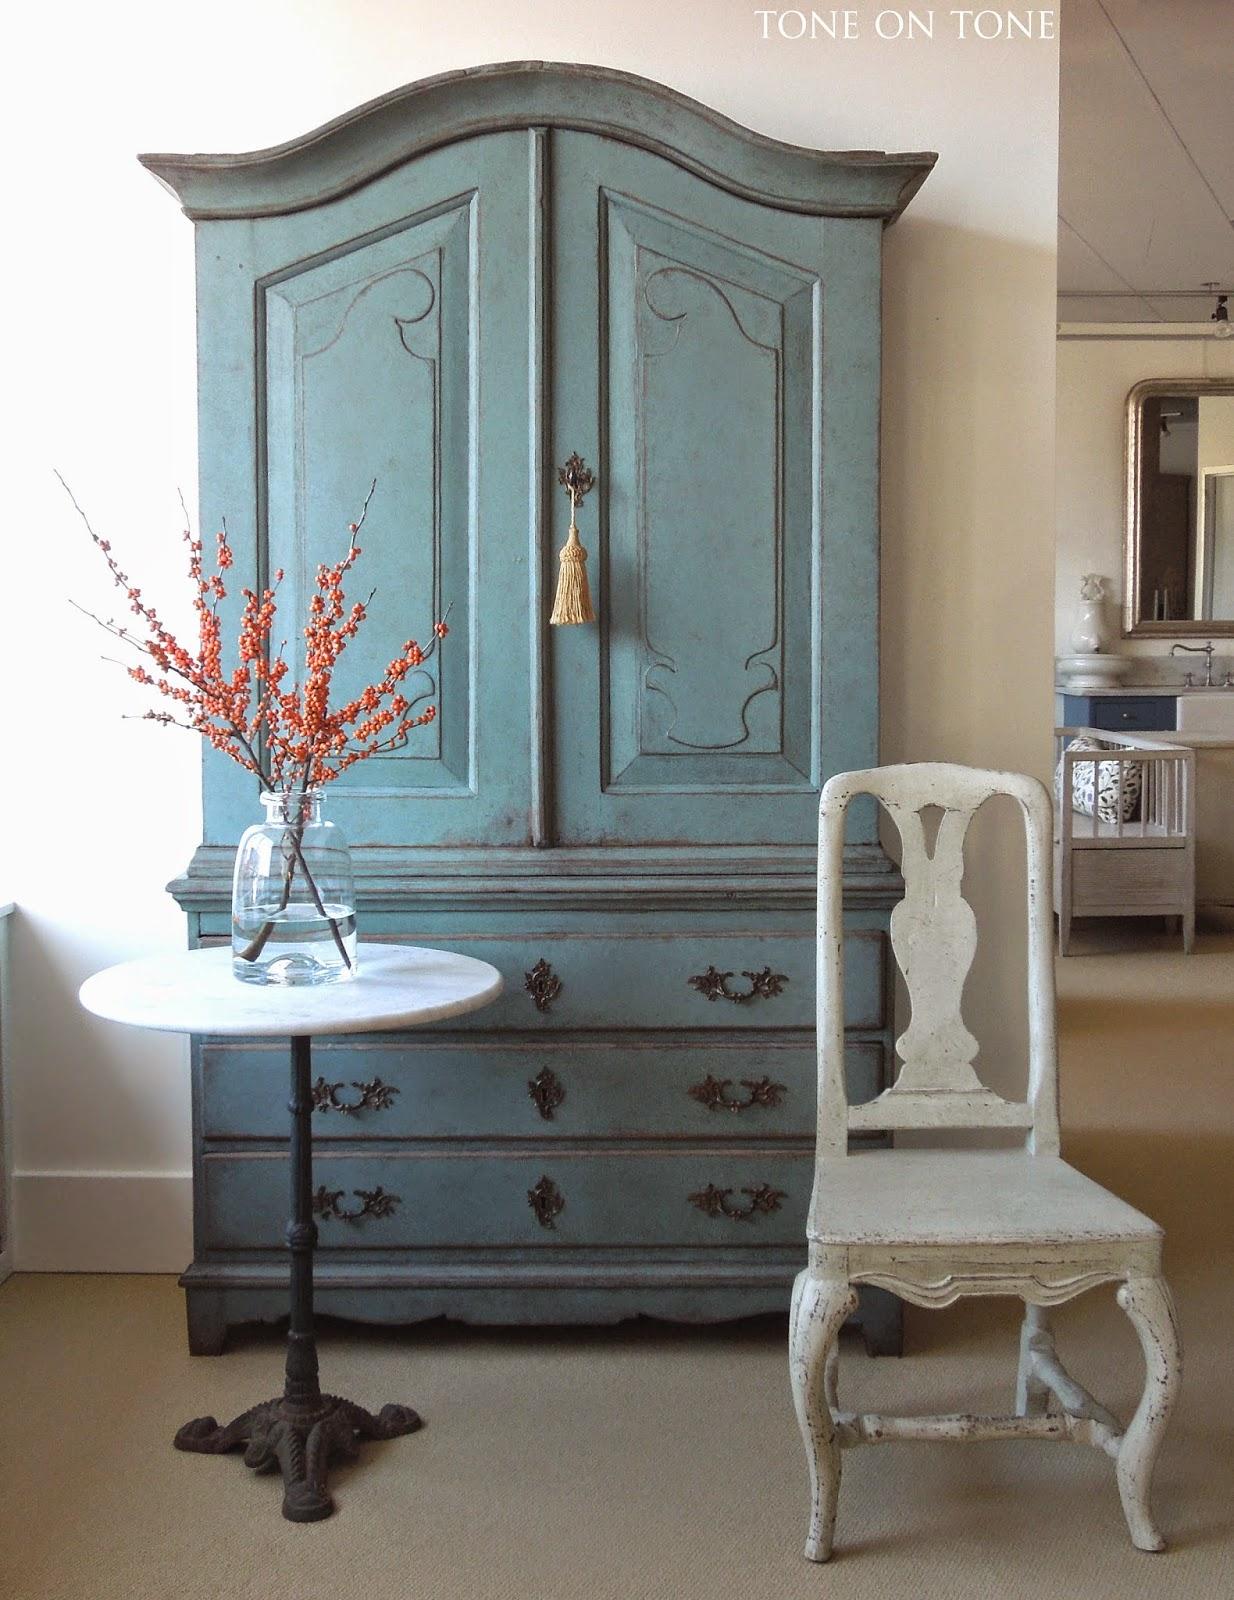 tone on tone december 2014. Black Bedroom Furniture Sets. Home Design Ideas